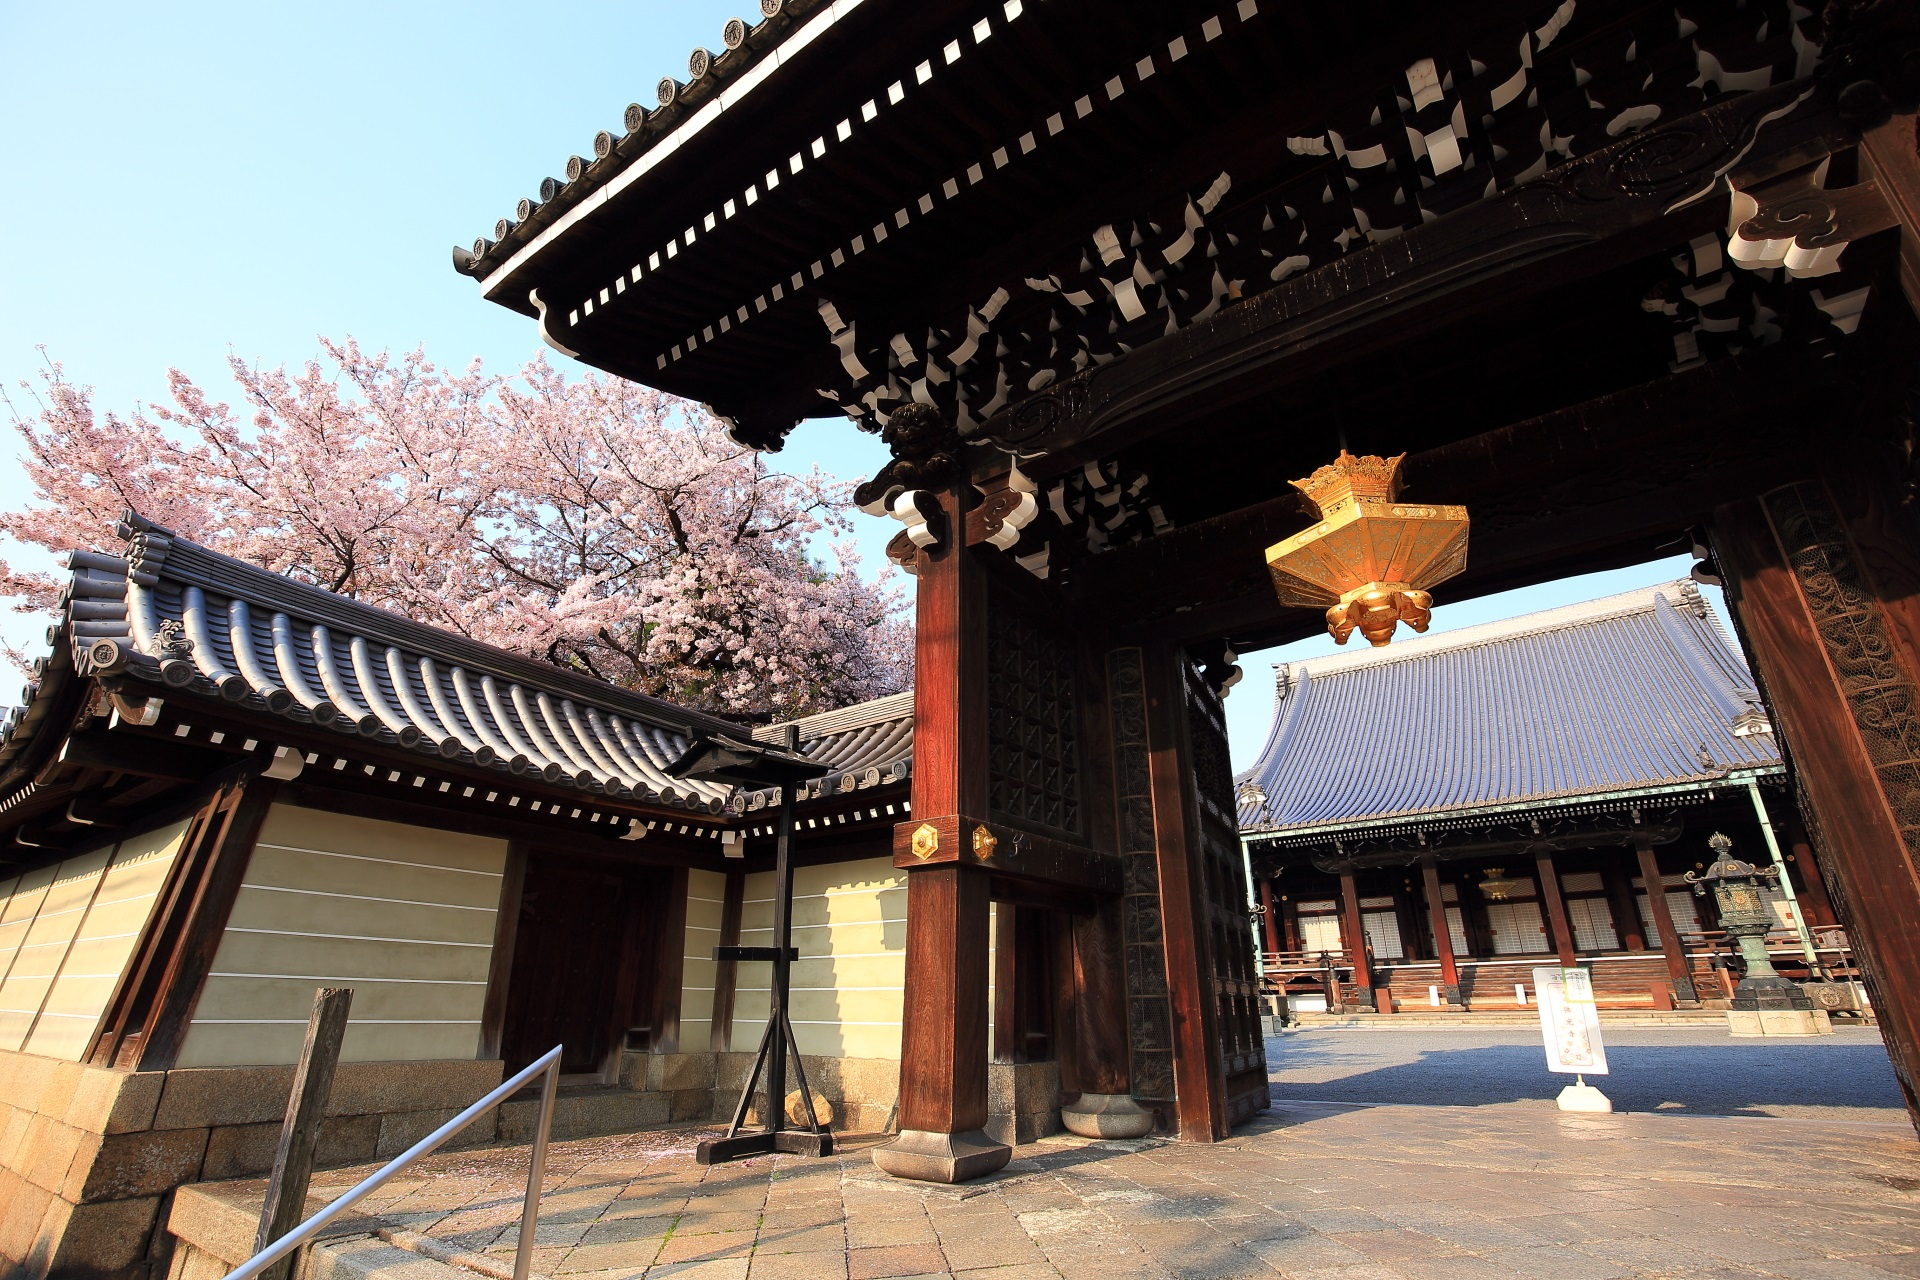 仏光寺の御影堂門と桜